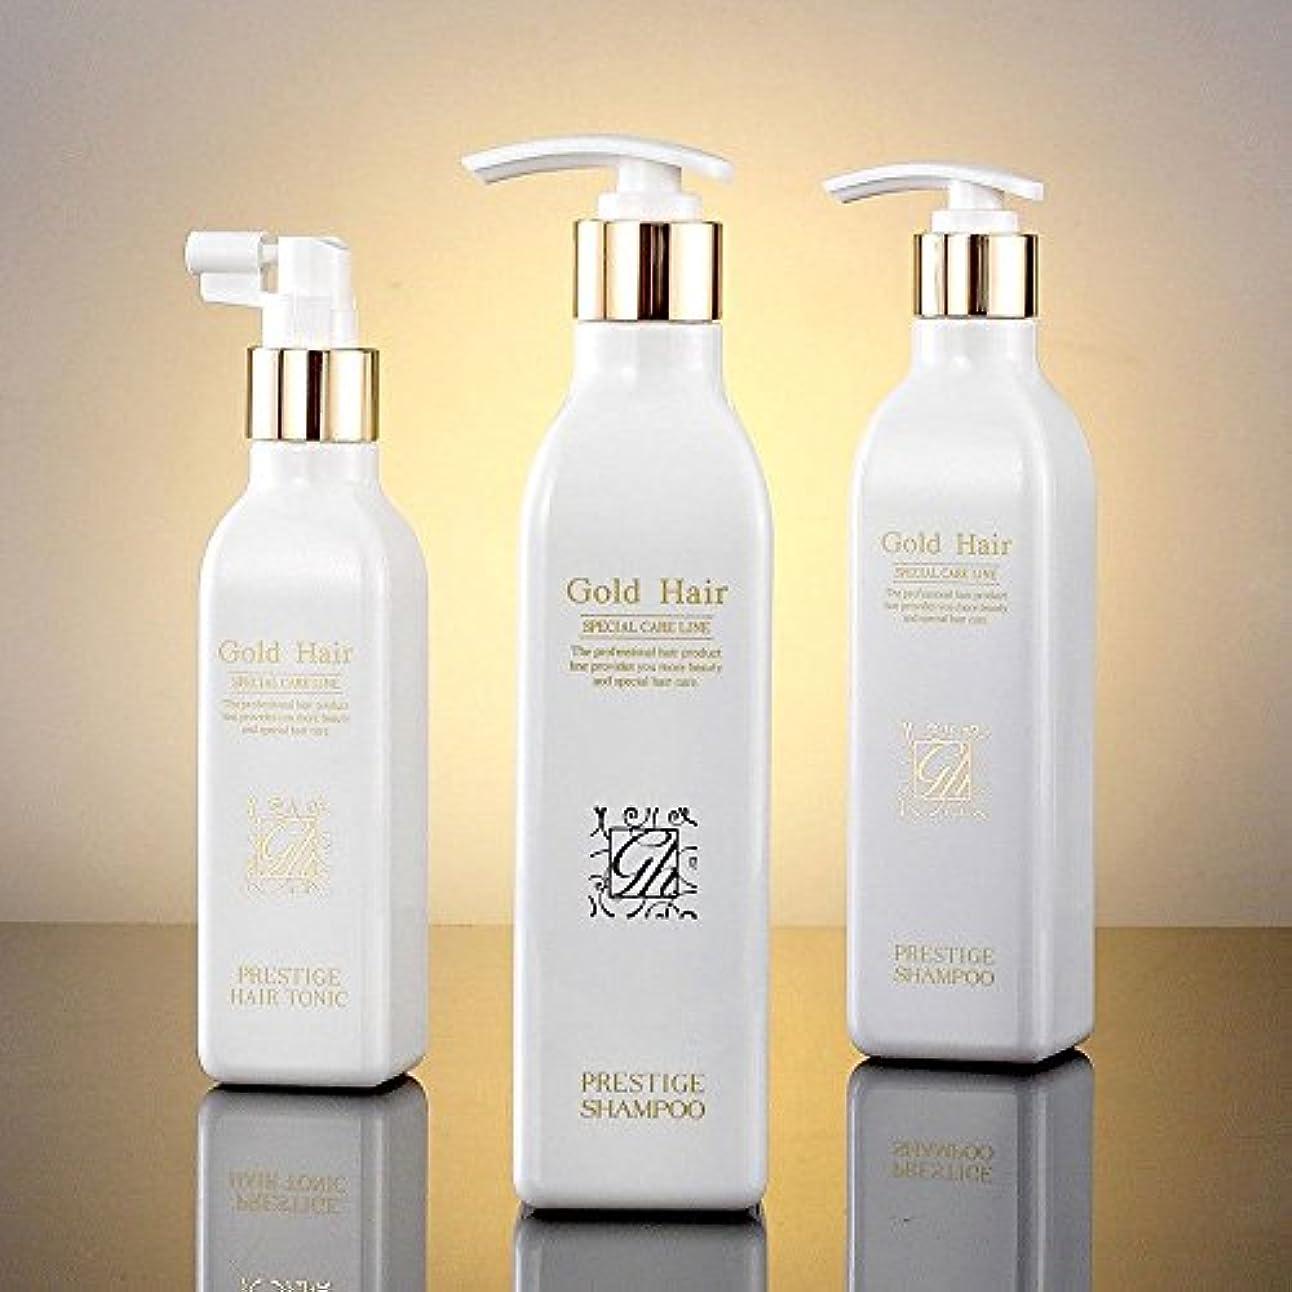 偽オートマトンプロフィールゴールドヘア育毛シャンプー2個&トニック1個 漢方シャンプー /Herbal Hair Loss Fast Regrowth Shampoo 100% Natural Patented Set of 3(2 shampoo...